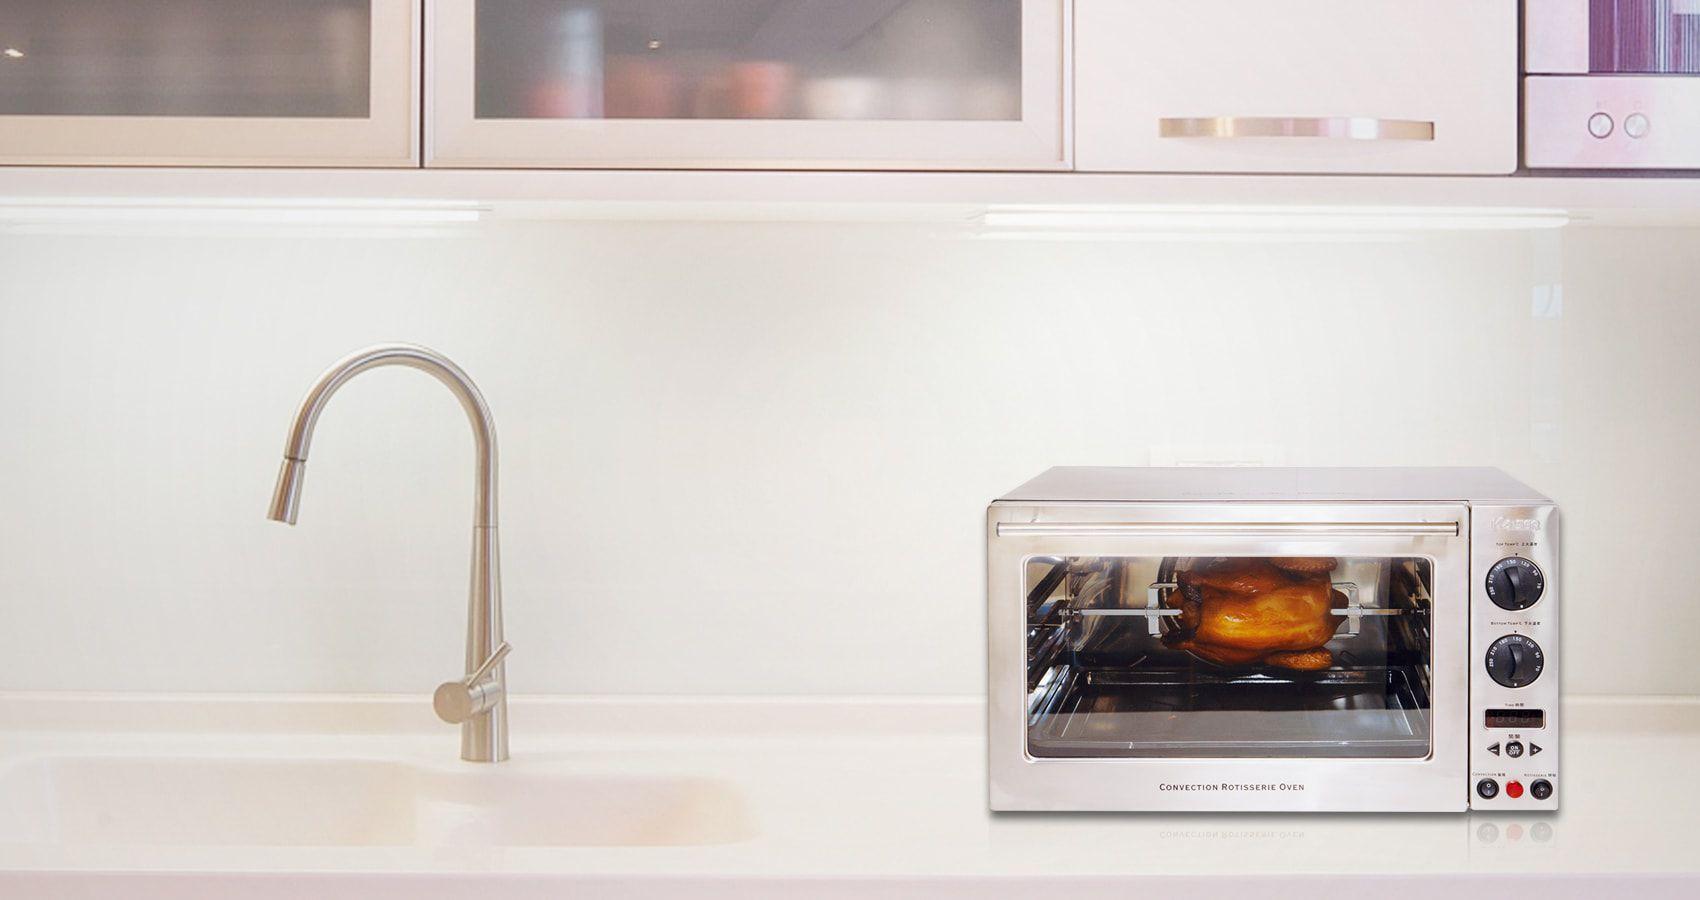 Kaiser 威寶 全功能不鏽鋼烤箱